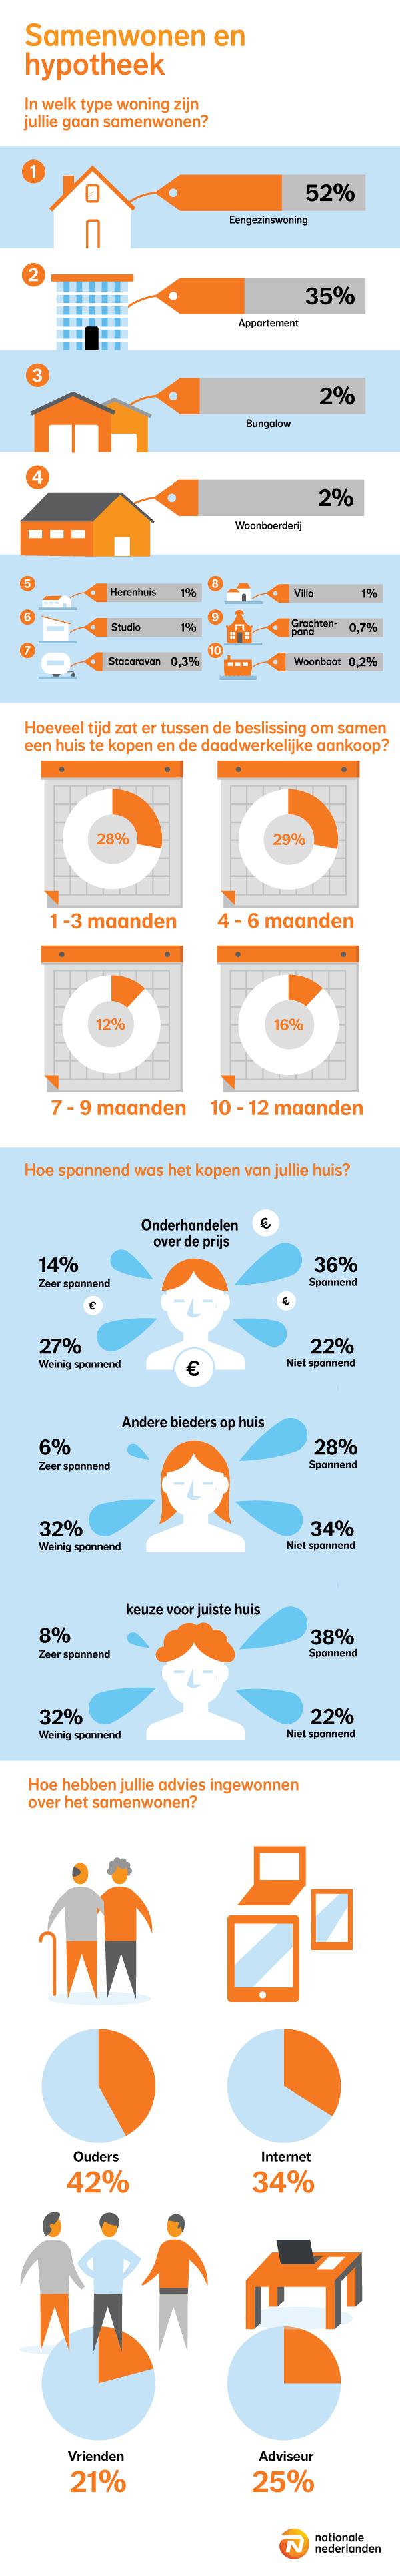 Infographic Samenwonen en de eerste hypotheek